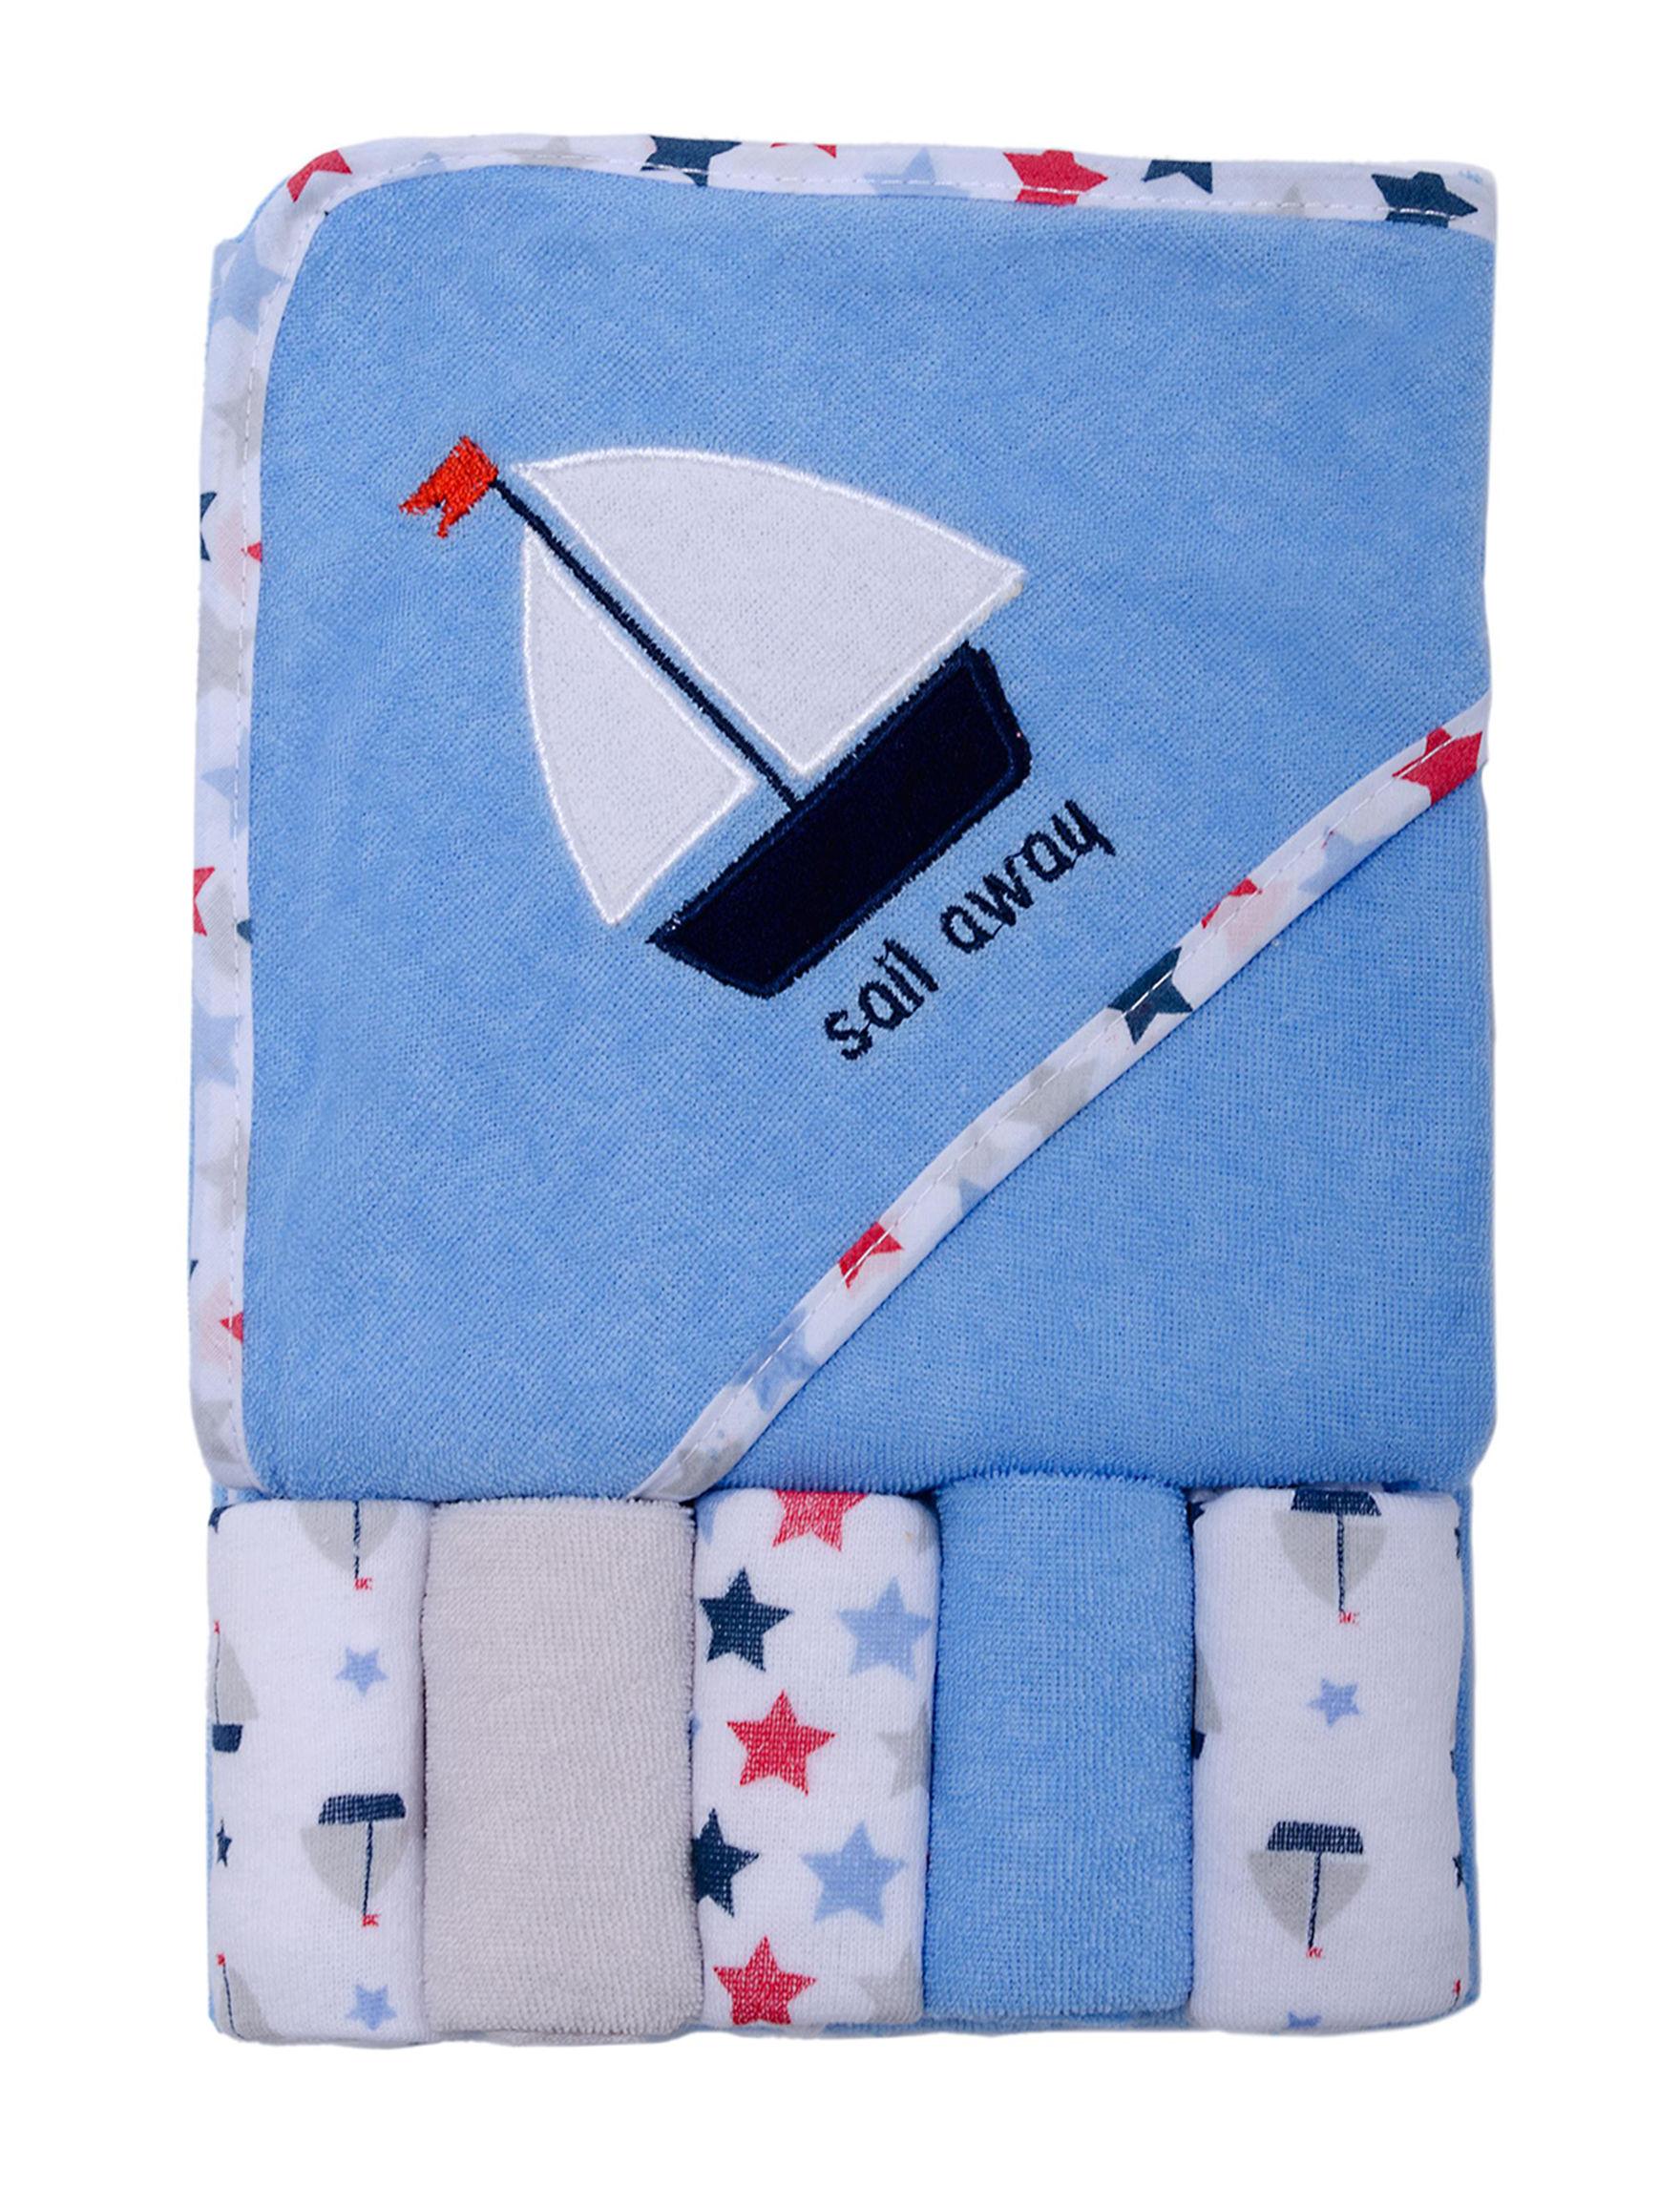 Baby Gear Blue Washcloths